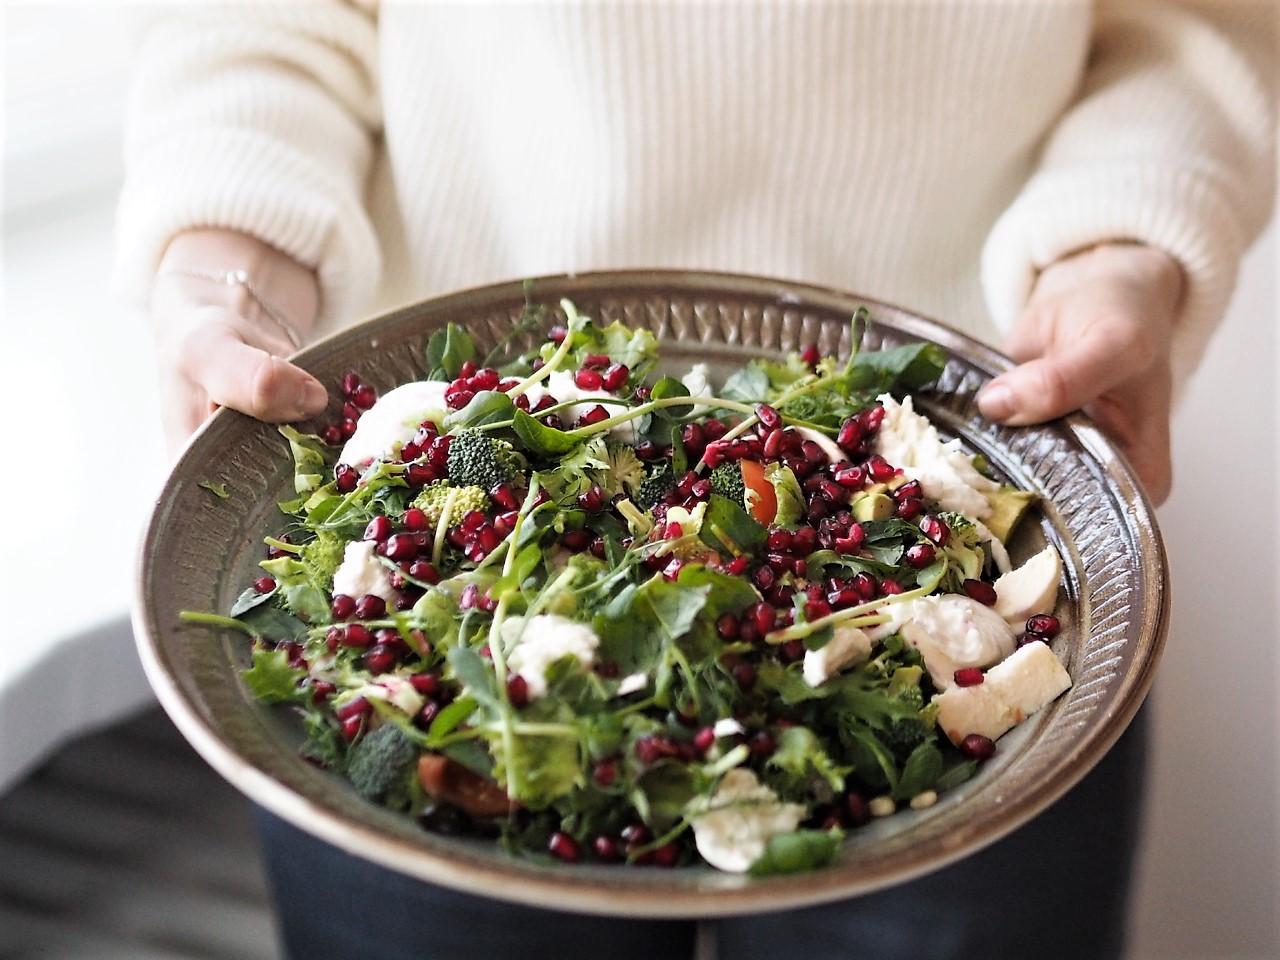 Viikon kirppislöytö: Melkein täydellinen salaattivati